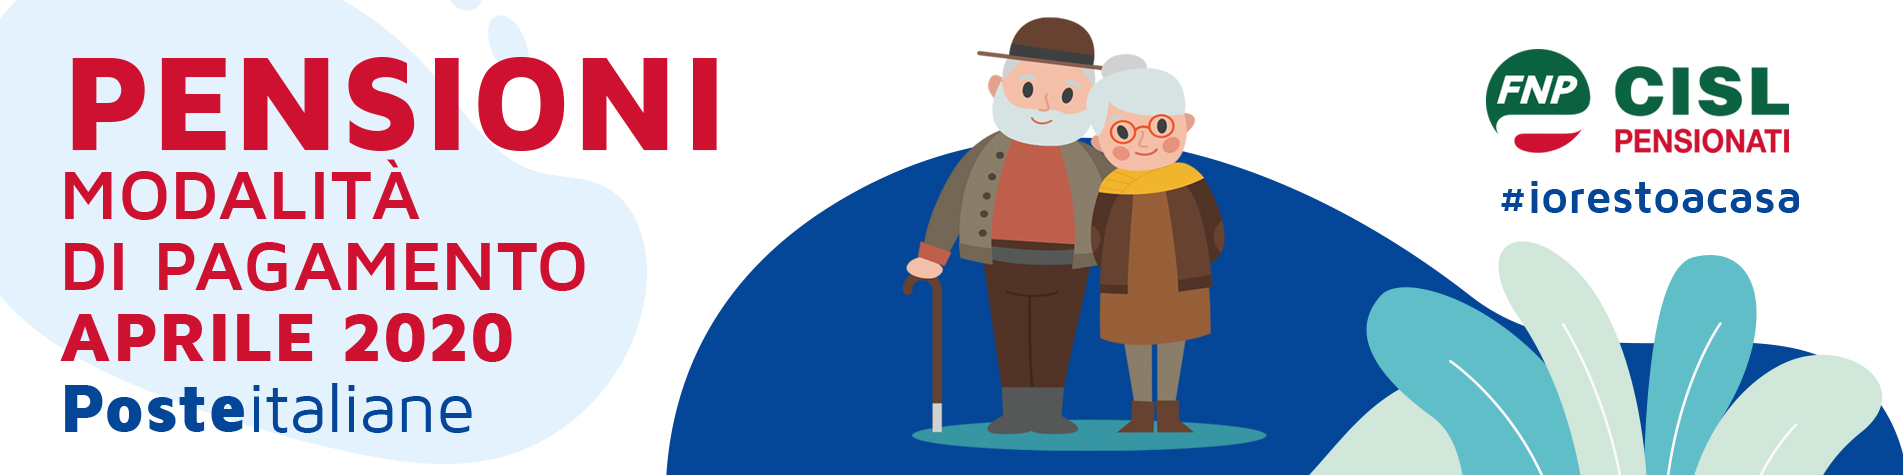 pensioni:modalità di pagamento